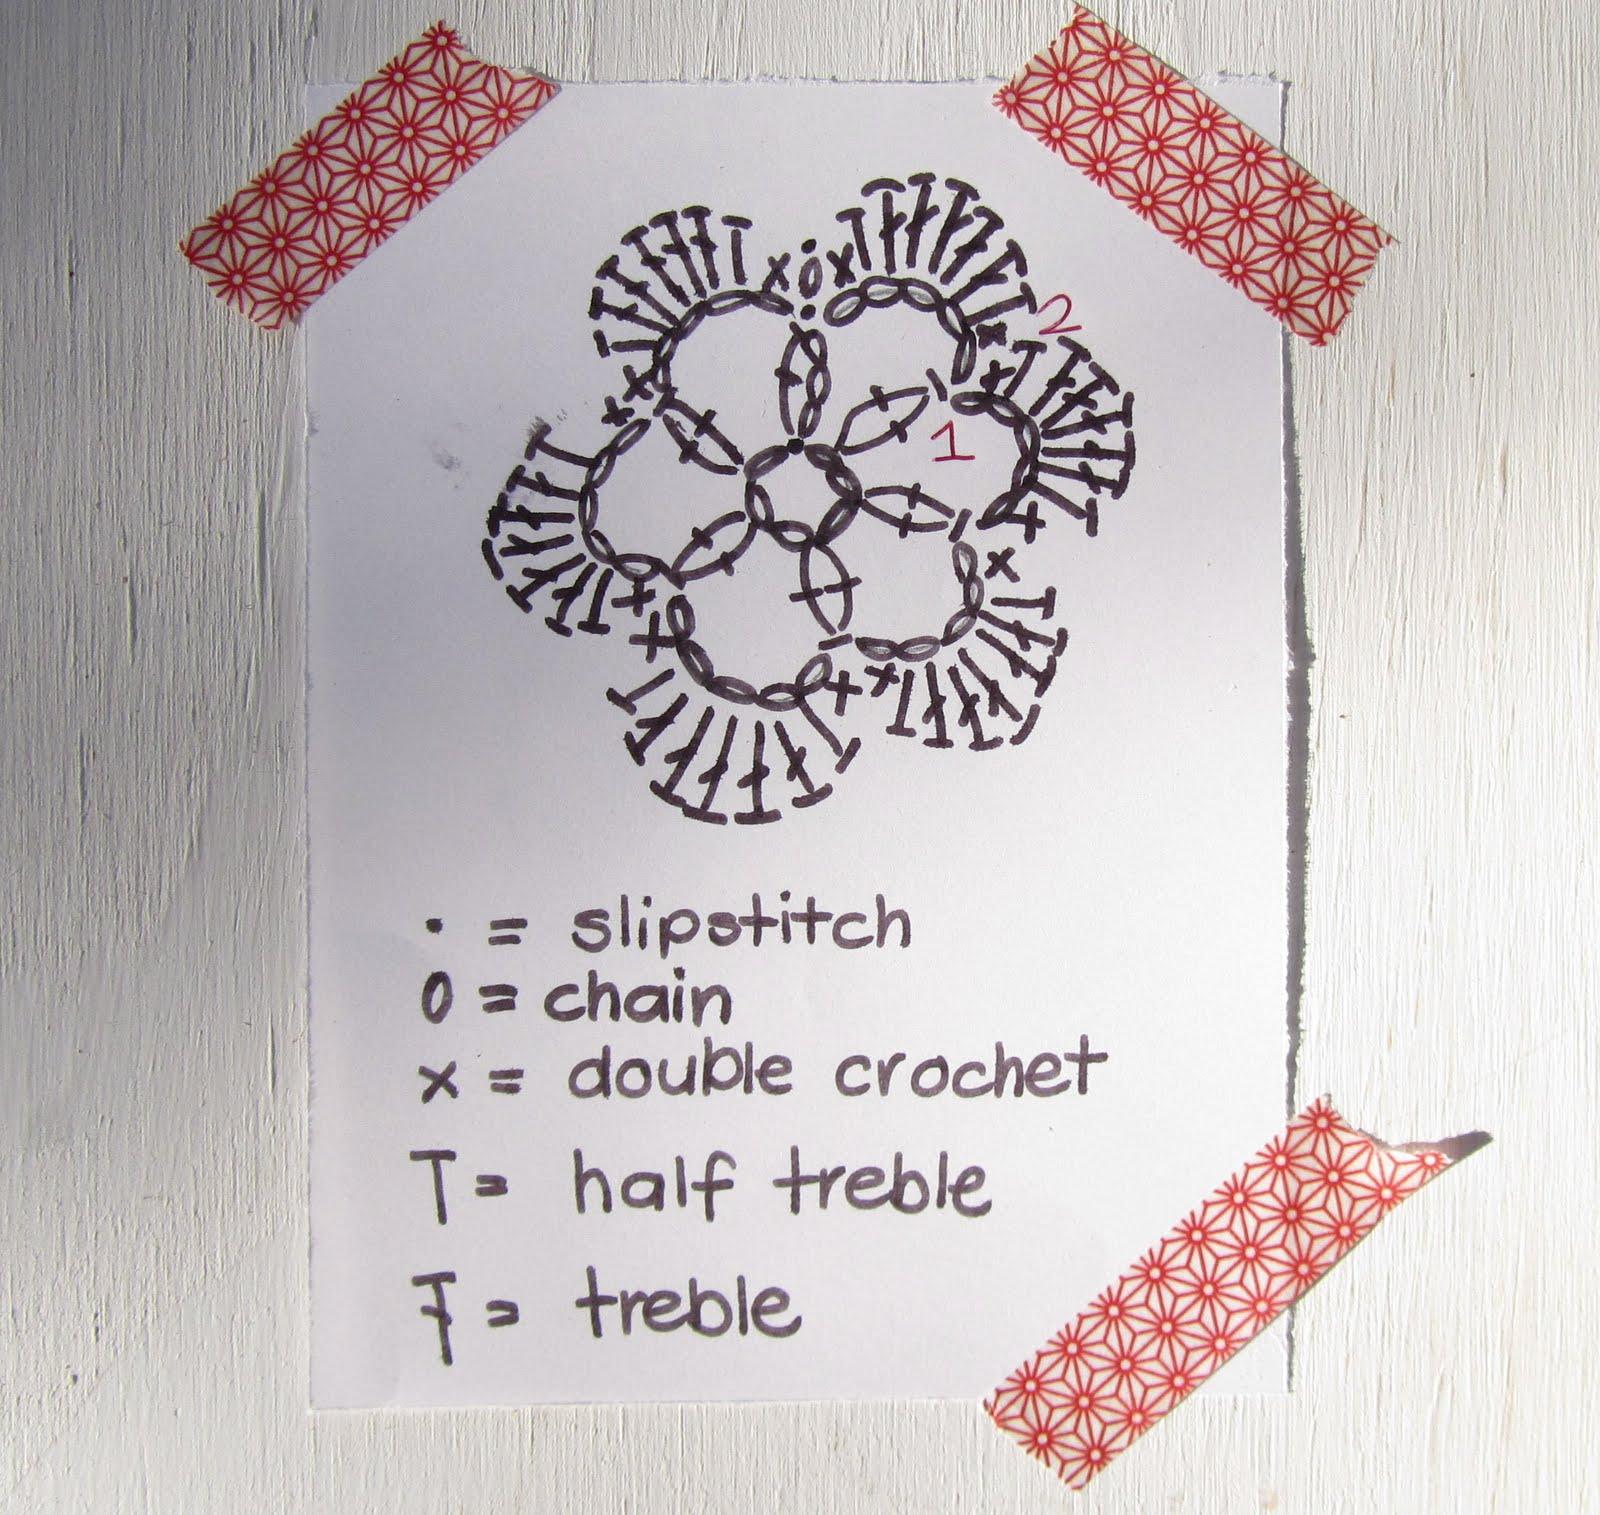 Small things simple pleasures crochet flower pattern crochet flower pattern ccuart Gallery